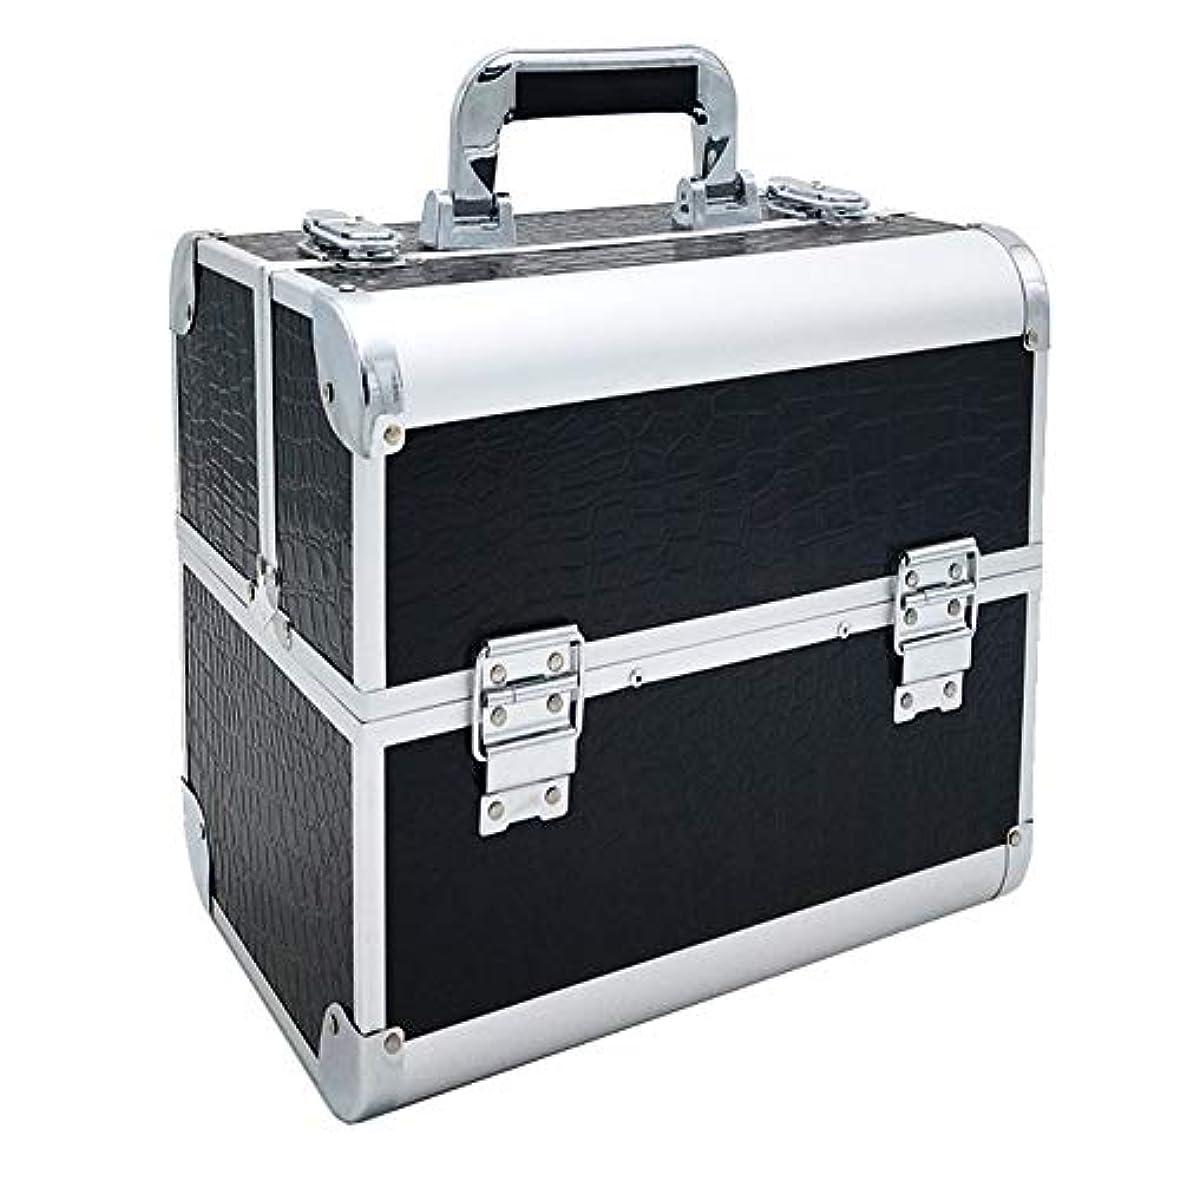 ファンシーテレビ緯度特大スペース収納ビューティーボックス 調節可能なディバイダーが付いている構造の電車箱の専門の化粧品カセット4つの皿および2つのロック黒、ピンク任意。 化粧品化粧台